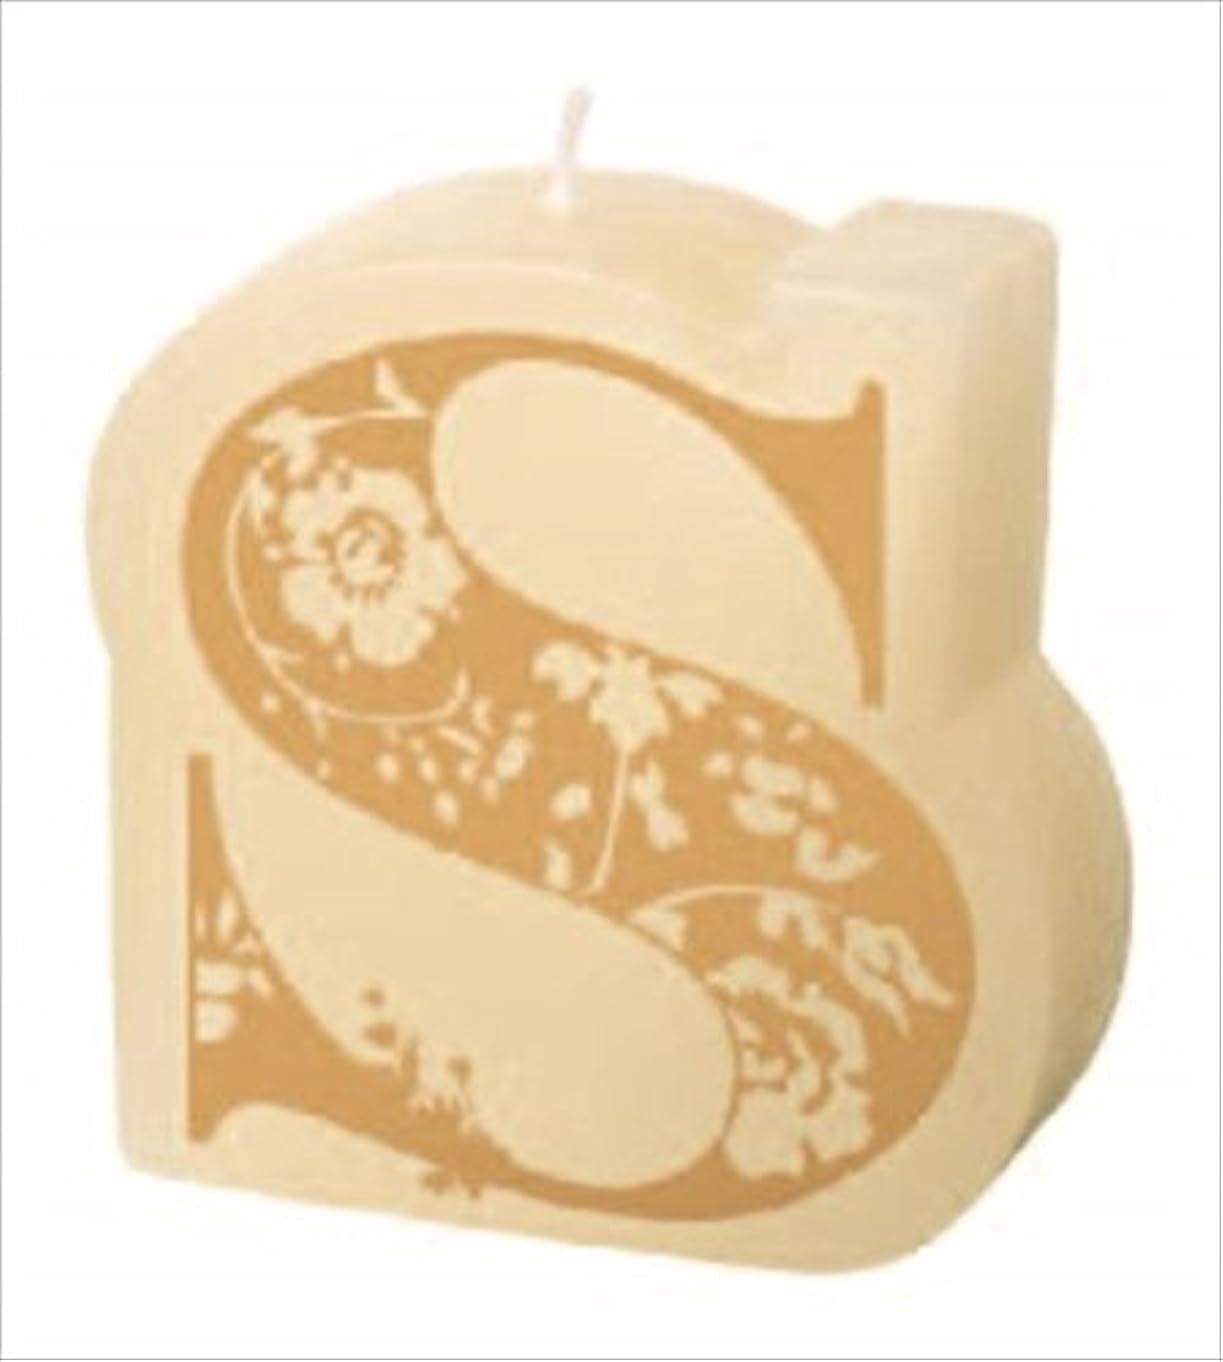 解明方向編集者カメヤマキャンドル(kameyama candle) イニシャルキャンドルミニ 「 S 」